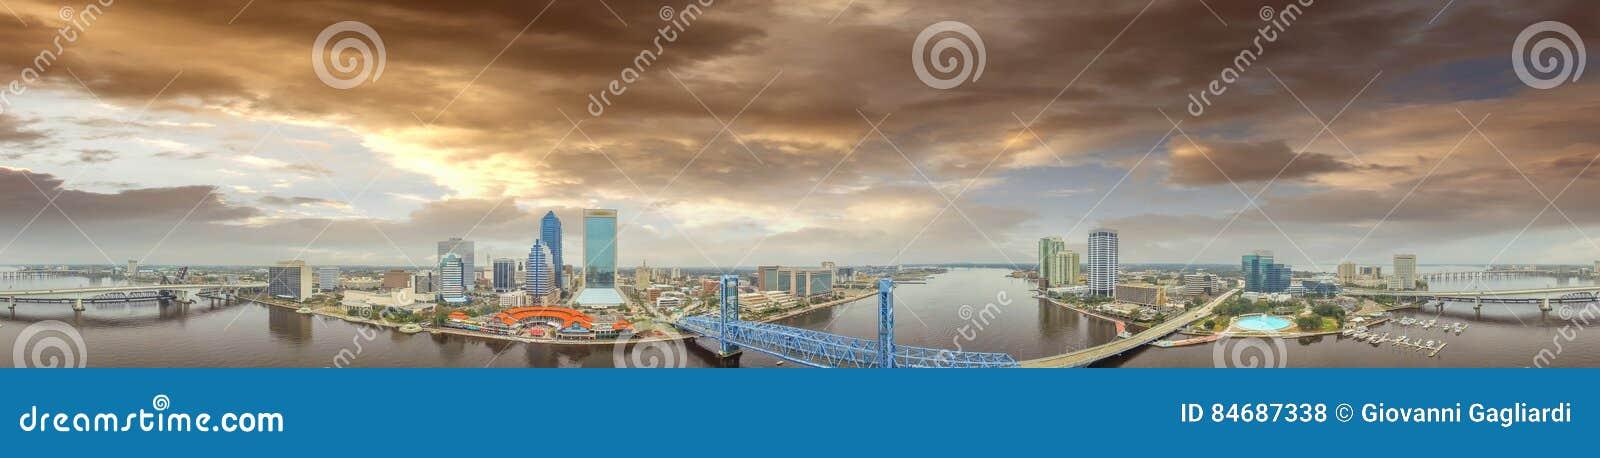 Flyg- horisont för fantastisk solnedgång av Jacksonville, FL